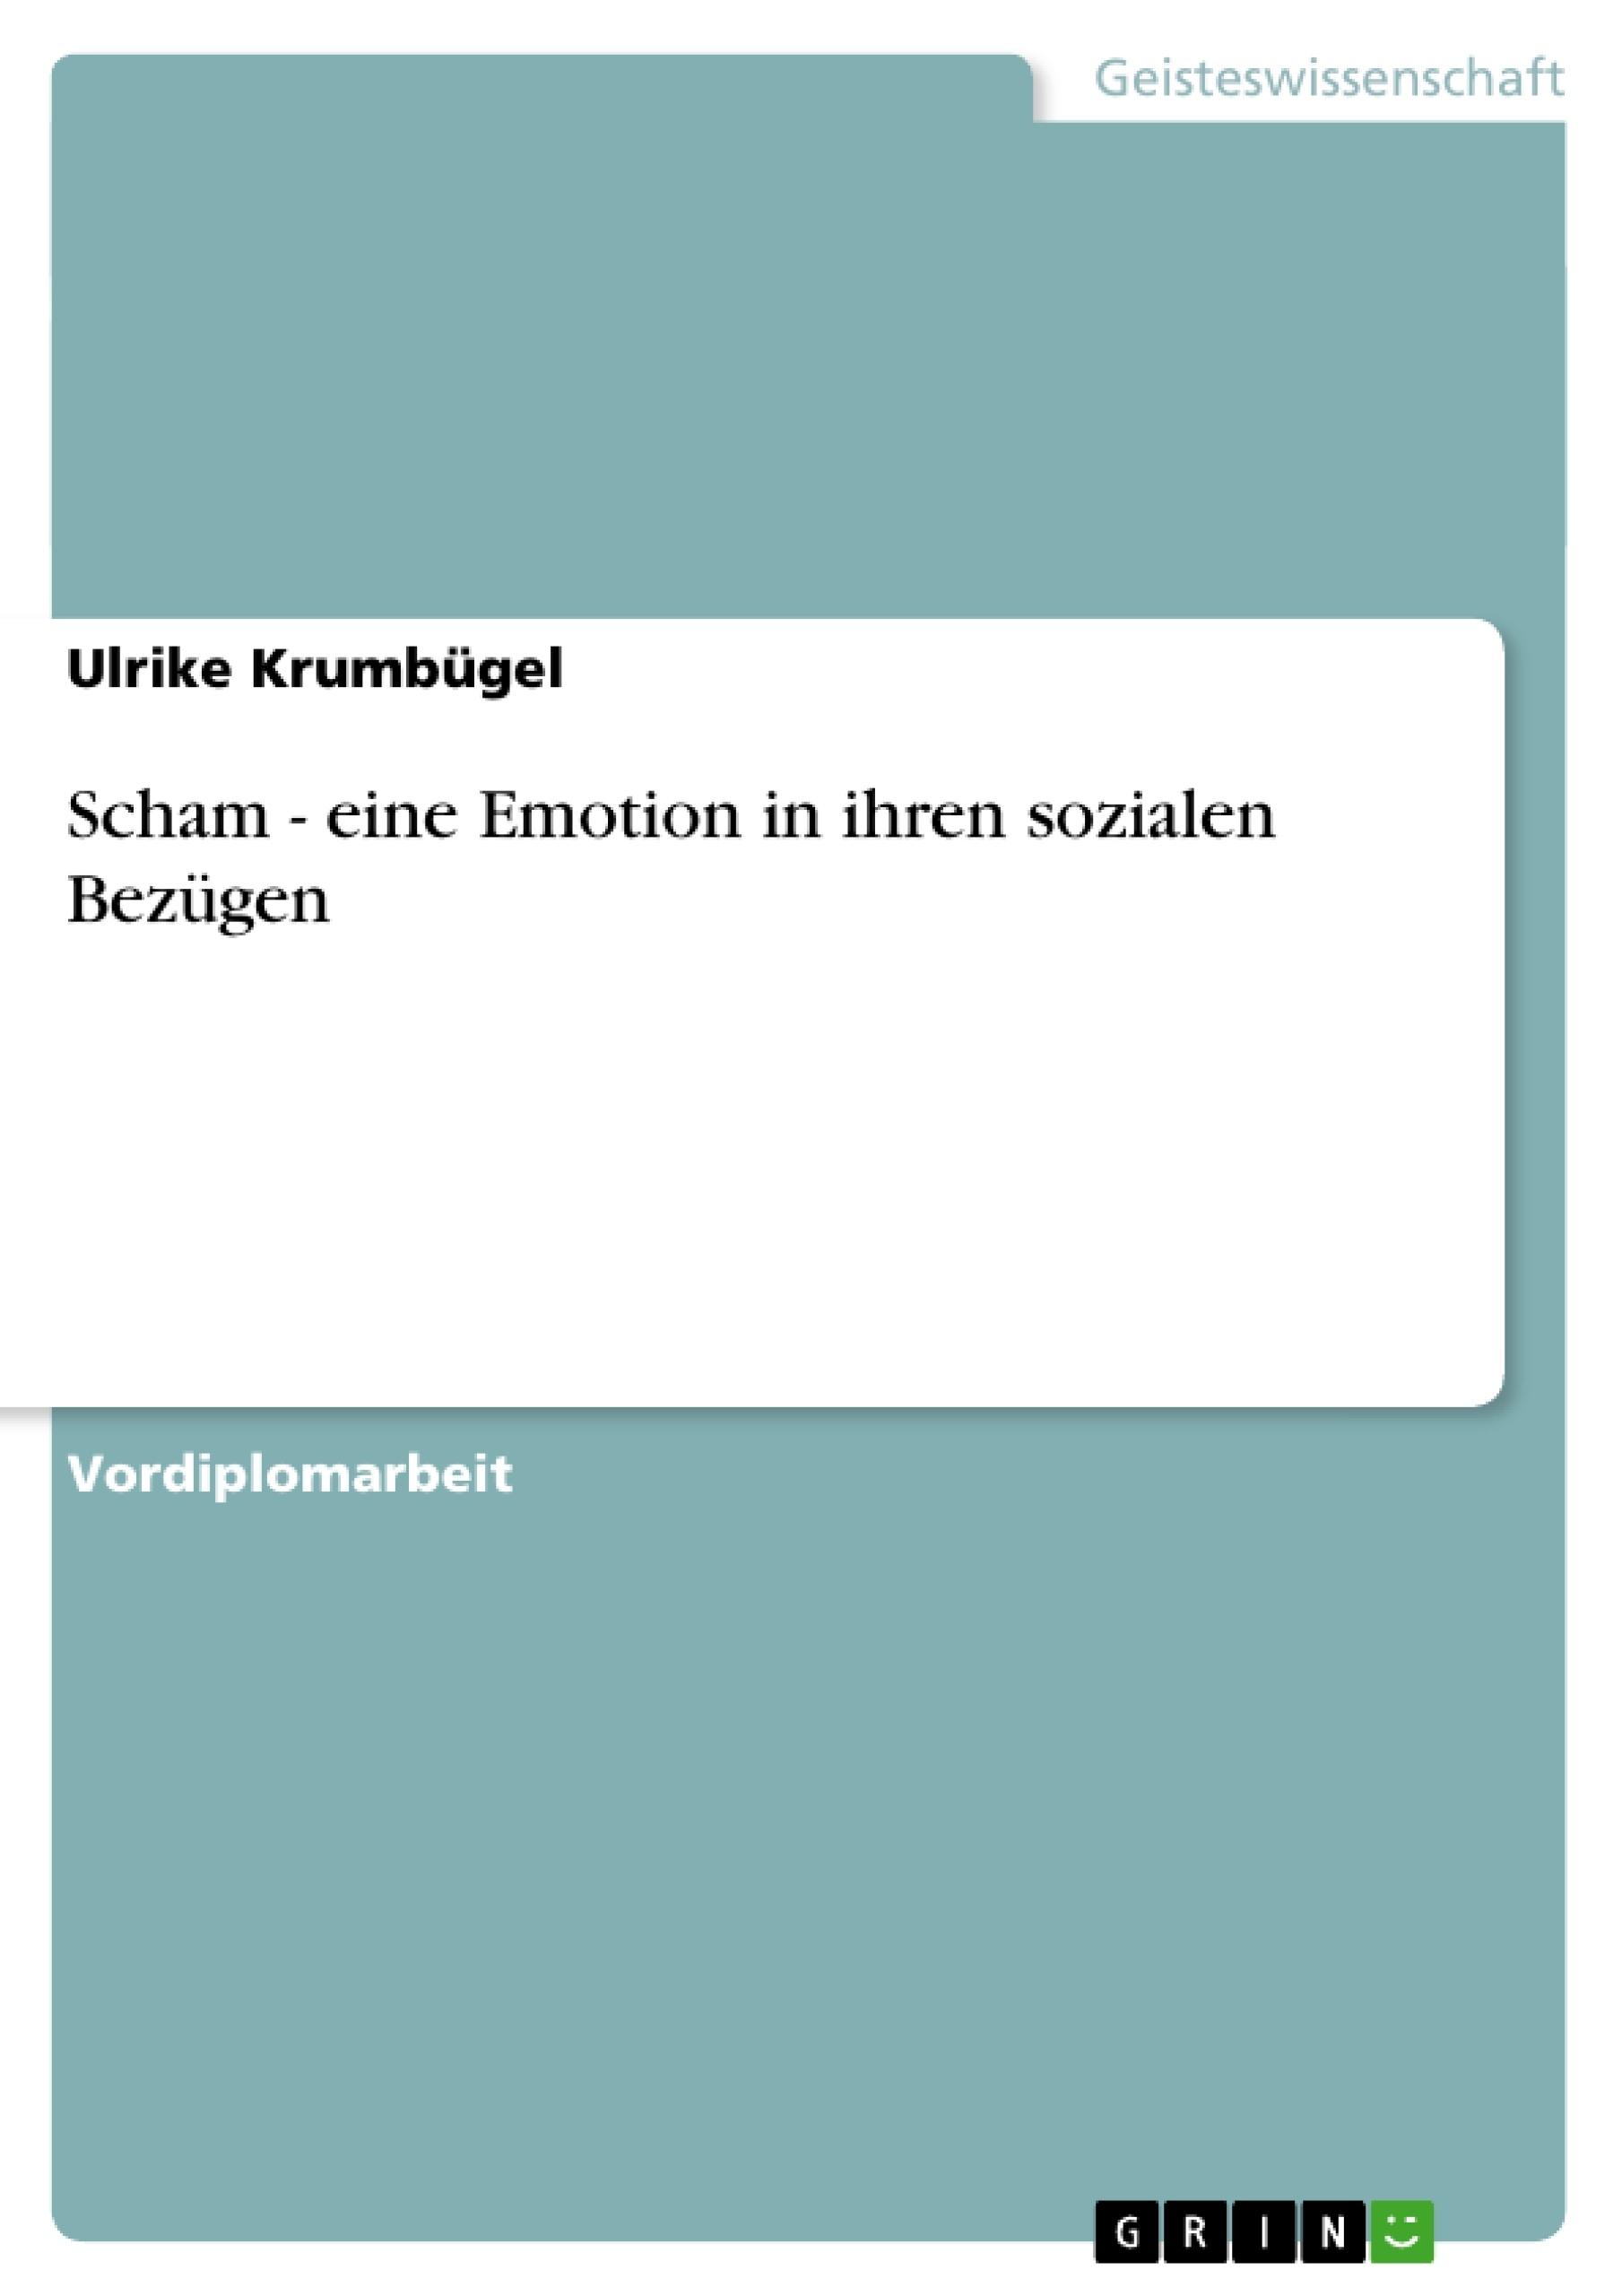 Titel: Scham - eine Emotion in ihren sozialen Bezügen